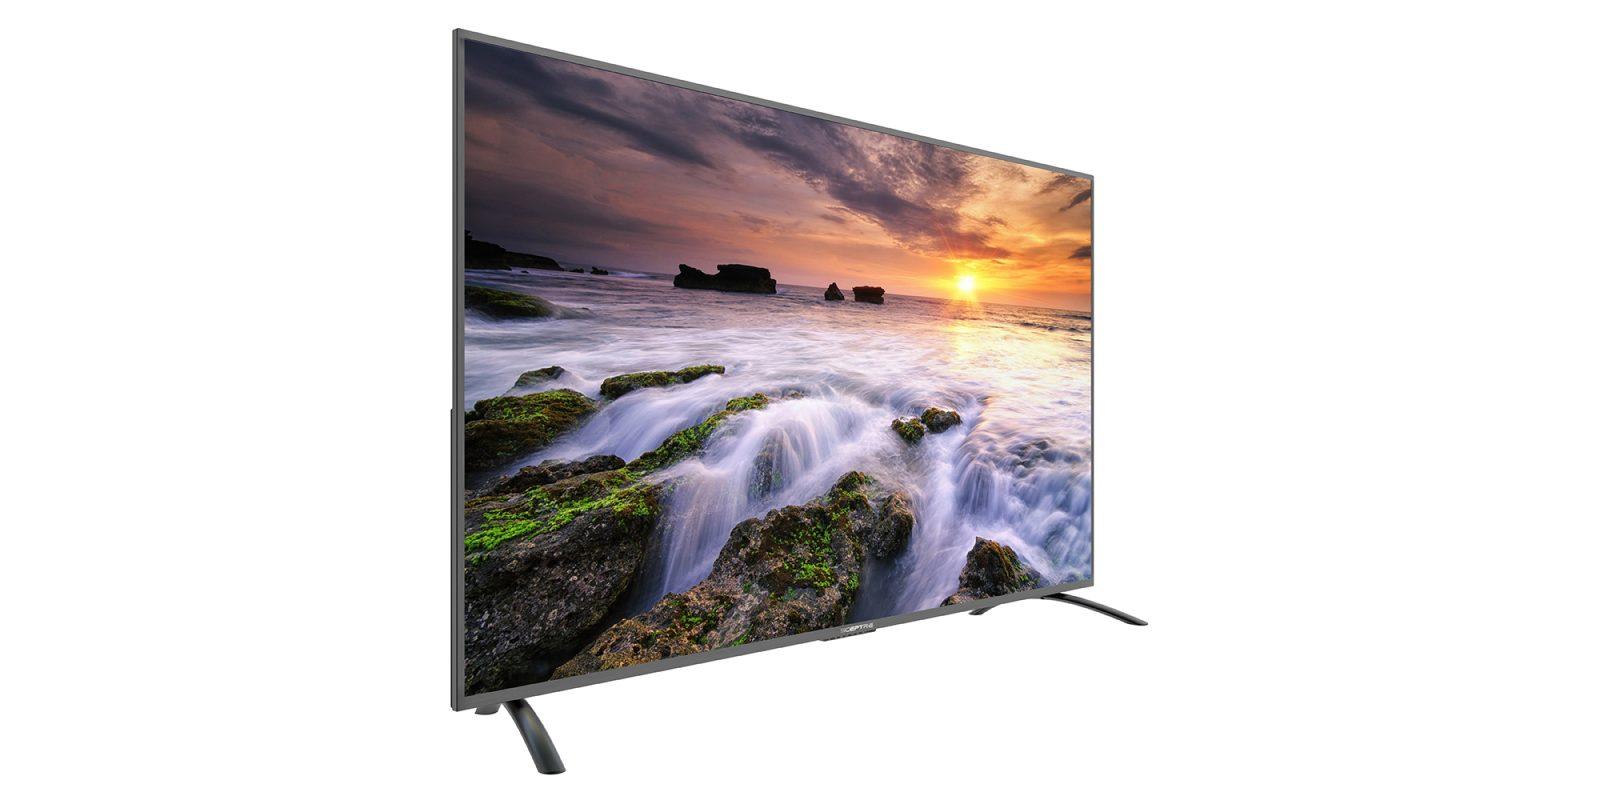 Sceptre's monster 75-inch 4K HDR UHDTV is $750 (Reg. $1,000)